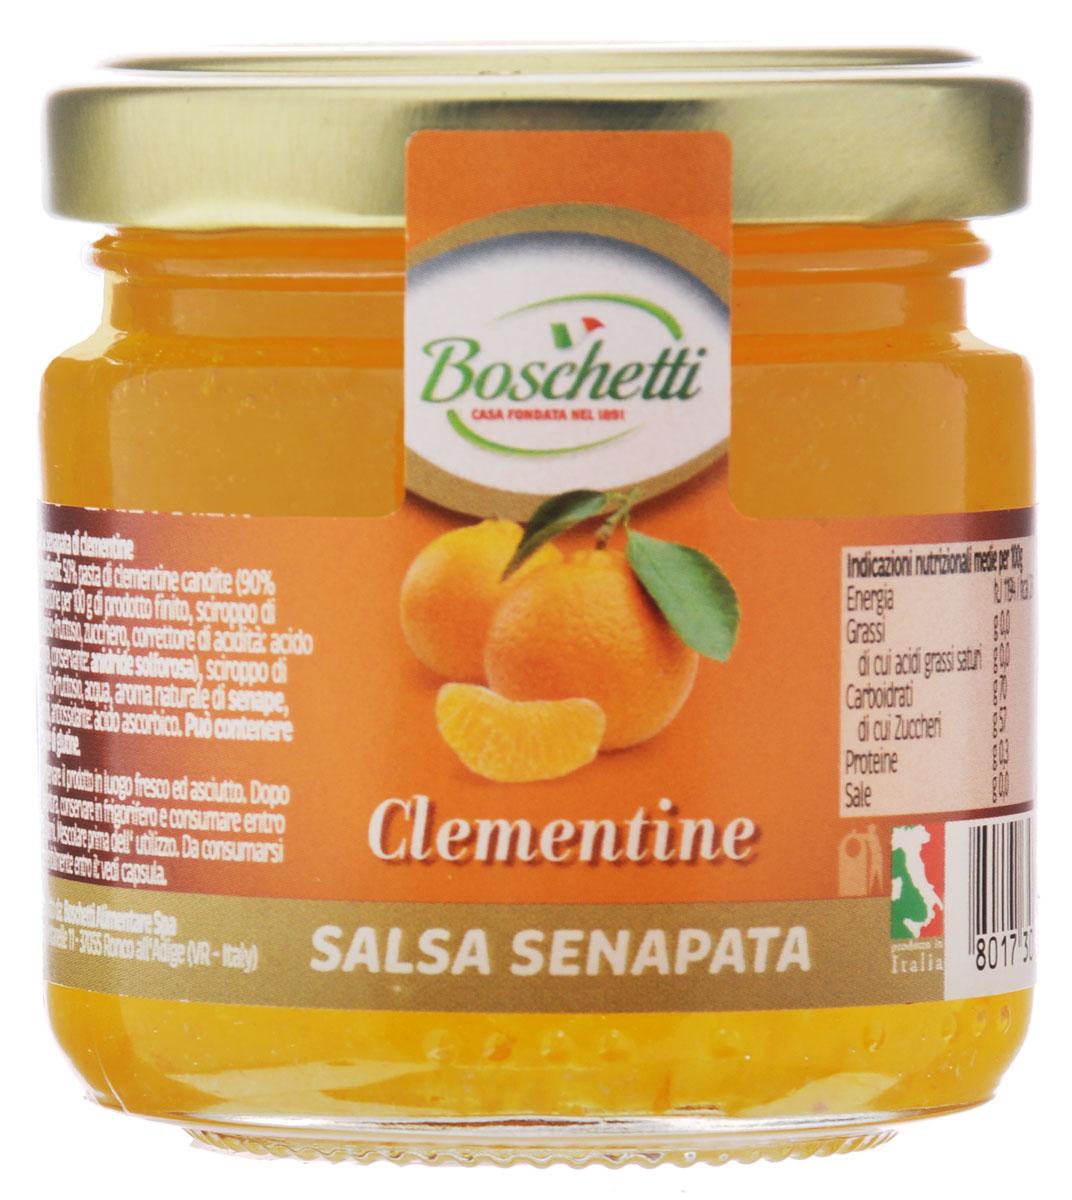 Boschetti Clementine соус сальса, 120 гSP#6335AYГорчичный соус Boschetti из мандарина имеет вкус праздника. Об этом позаботились итальянские кулинары, сумевшие добиться грамотного сочетания горчицы и мандарина. Тонкие вкусовые оттенки дополняются аппетитным ароматом. Если же вы цените свое время, то просто используйте Boschetti как наполнитель в тарталетках вместе с сыром или кусочком измельченной ветчины. За очень короткое время у вас получится целое блюдо оригинальных лакомств. Состав: паста мандариновая с сахаром 50% (90% мандарин на 100 г готового продукта: сироп глюкозы-фруктозы, сахар, регулятор кислотности (лимонная кислота), консервант (ангидрид)), сироп глюкозы-фруктозы, вода, натуральный ароматизатор горчица, ароматизаторы, антиокислитель (аскорбиновая кислота). Может содержать клейковину.